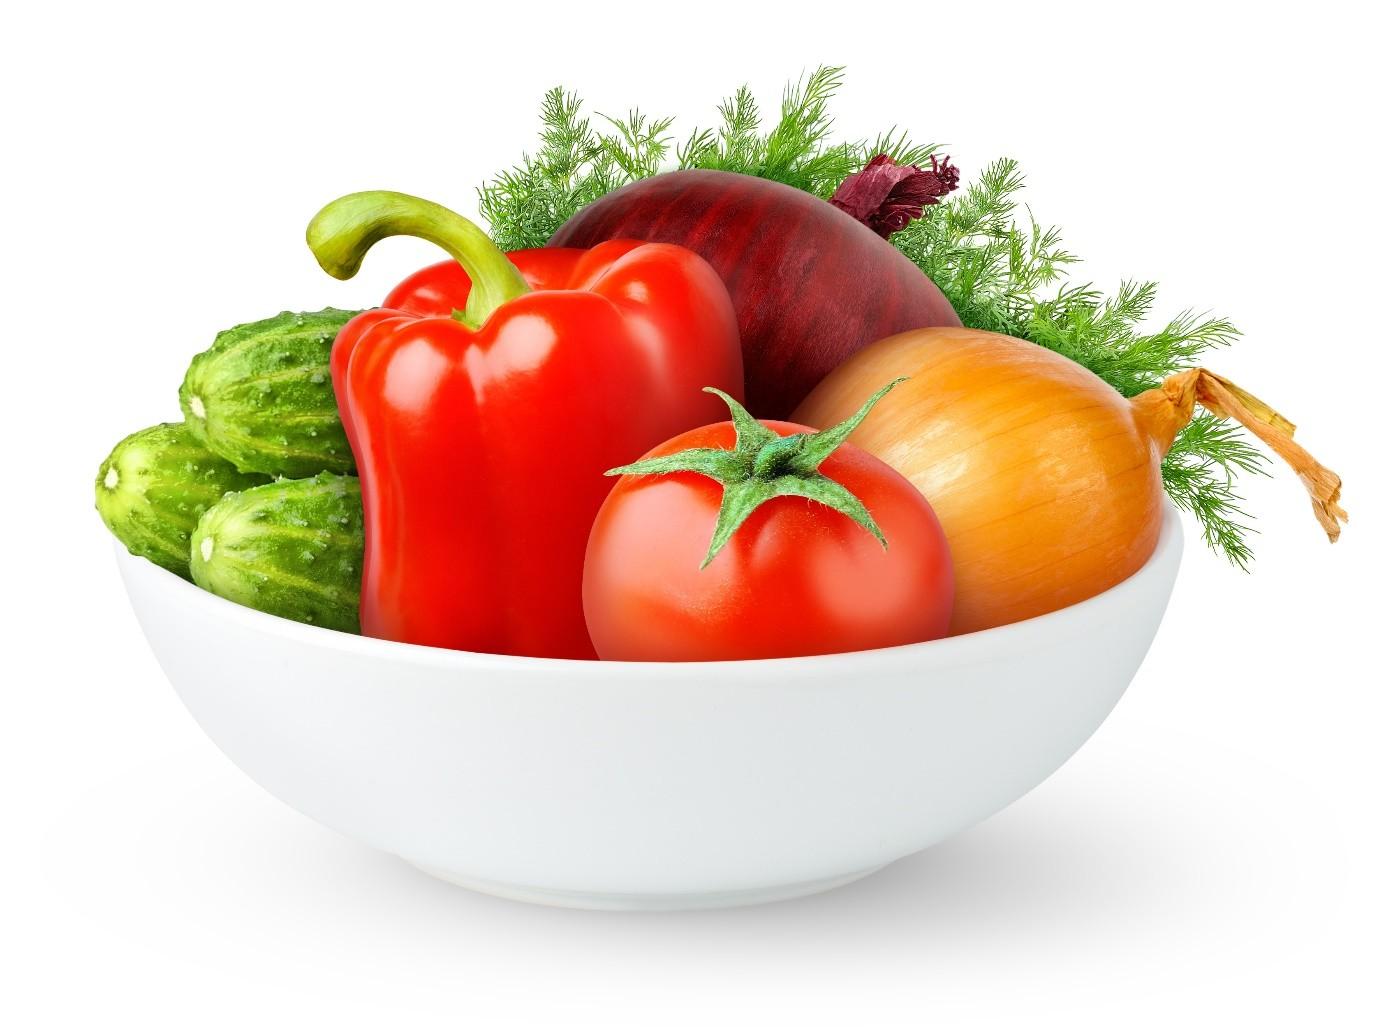 овощи на тарелке фото